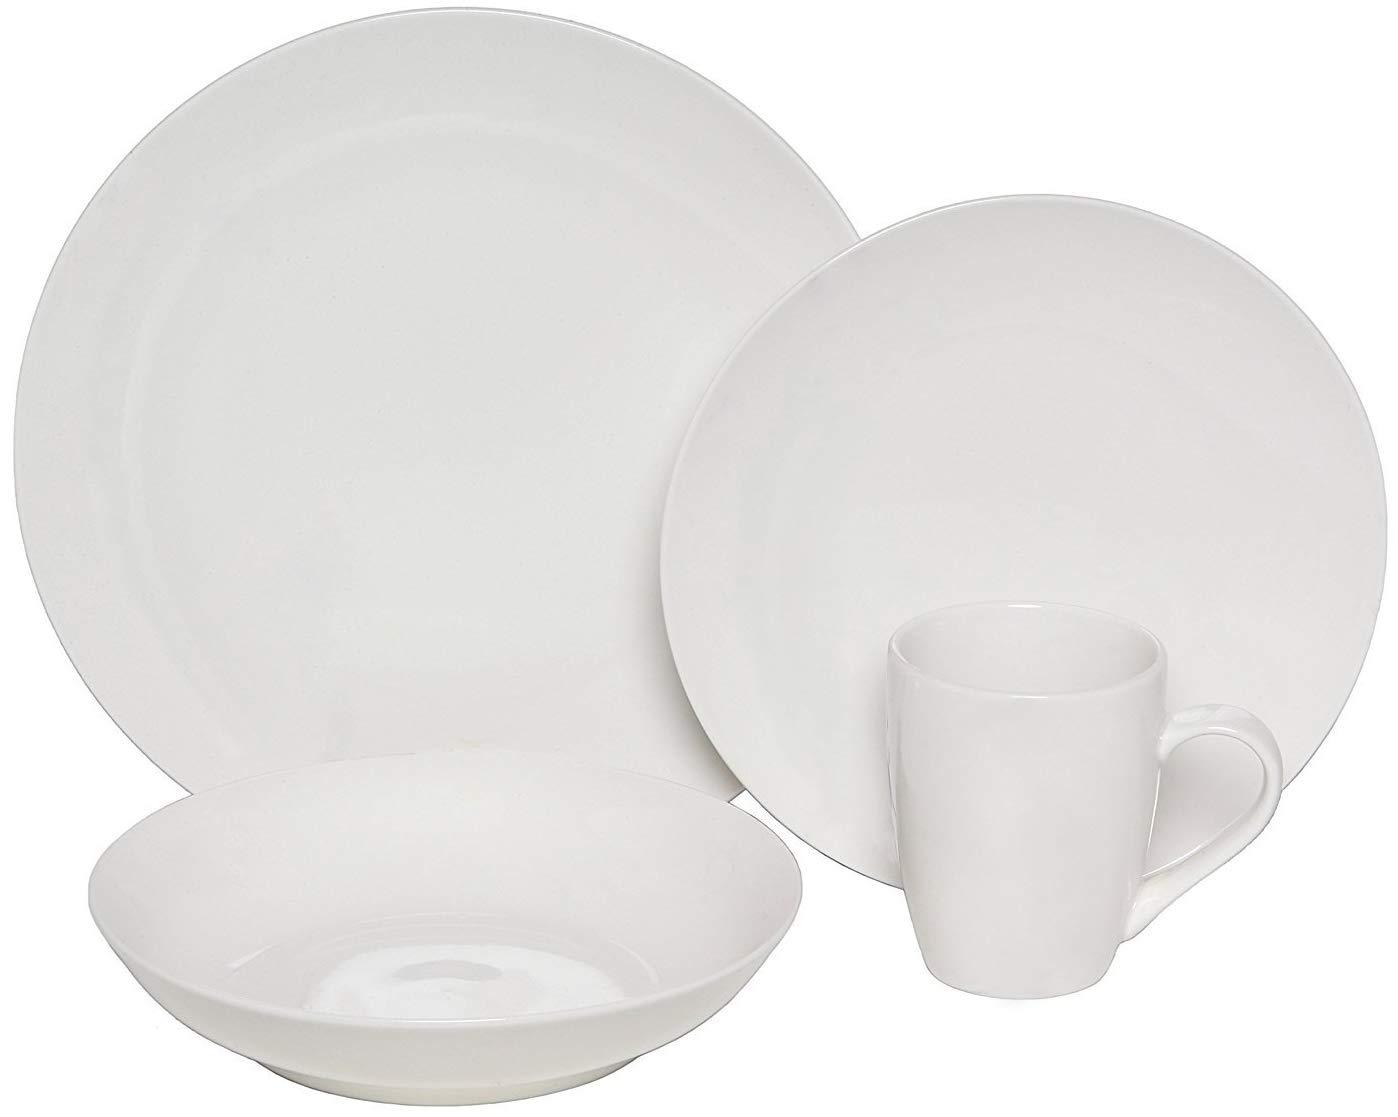 Melange Coupe 16-Piece Porcelain Dinnerware Set (White) | Service for 4 | Microwave, Dishwasher & Oven Safe | Dinner Plate, Salad Plate, Soup Bowl & Mug (4 Each)